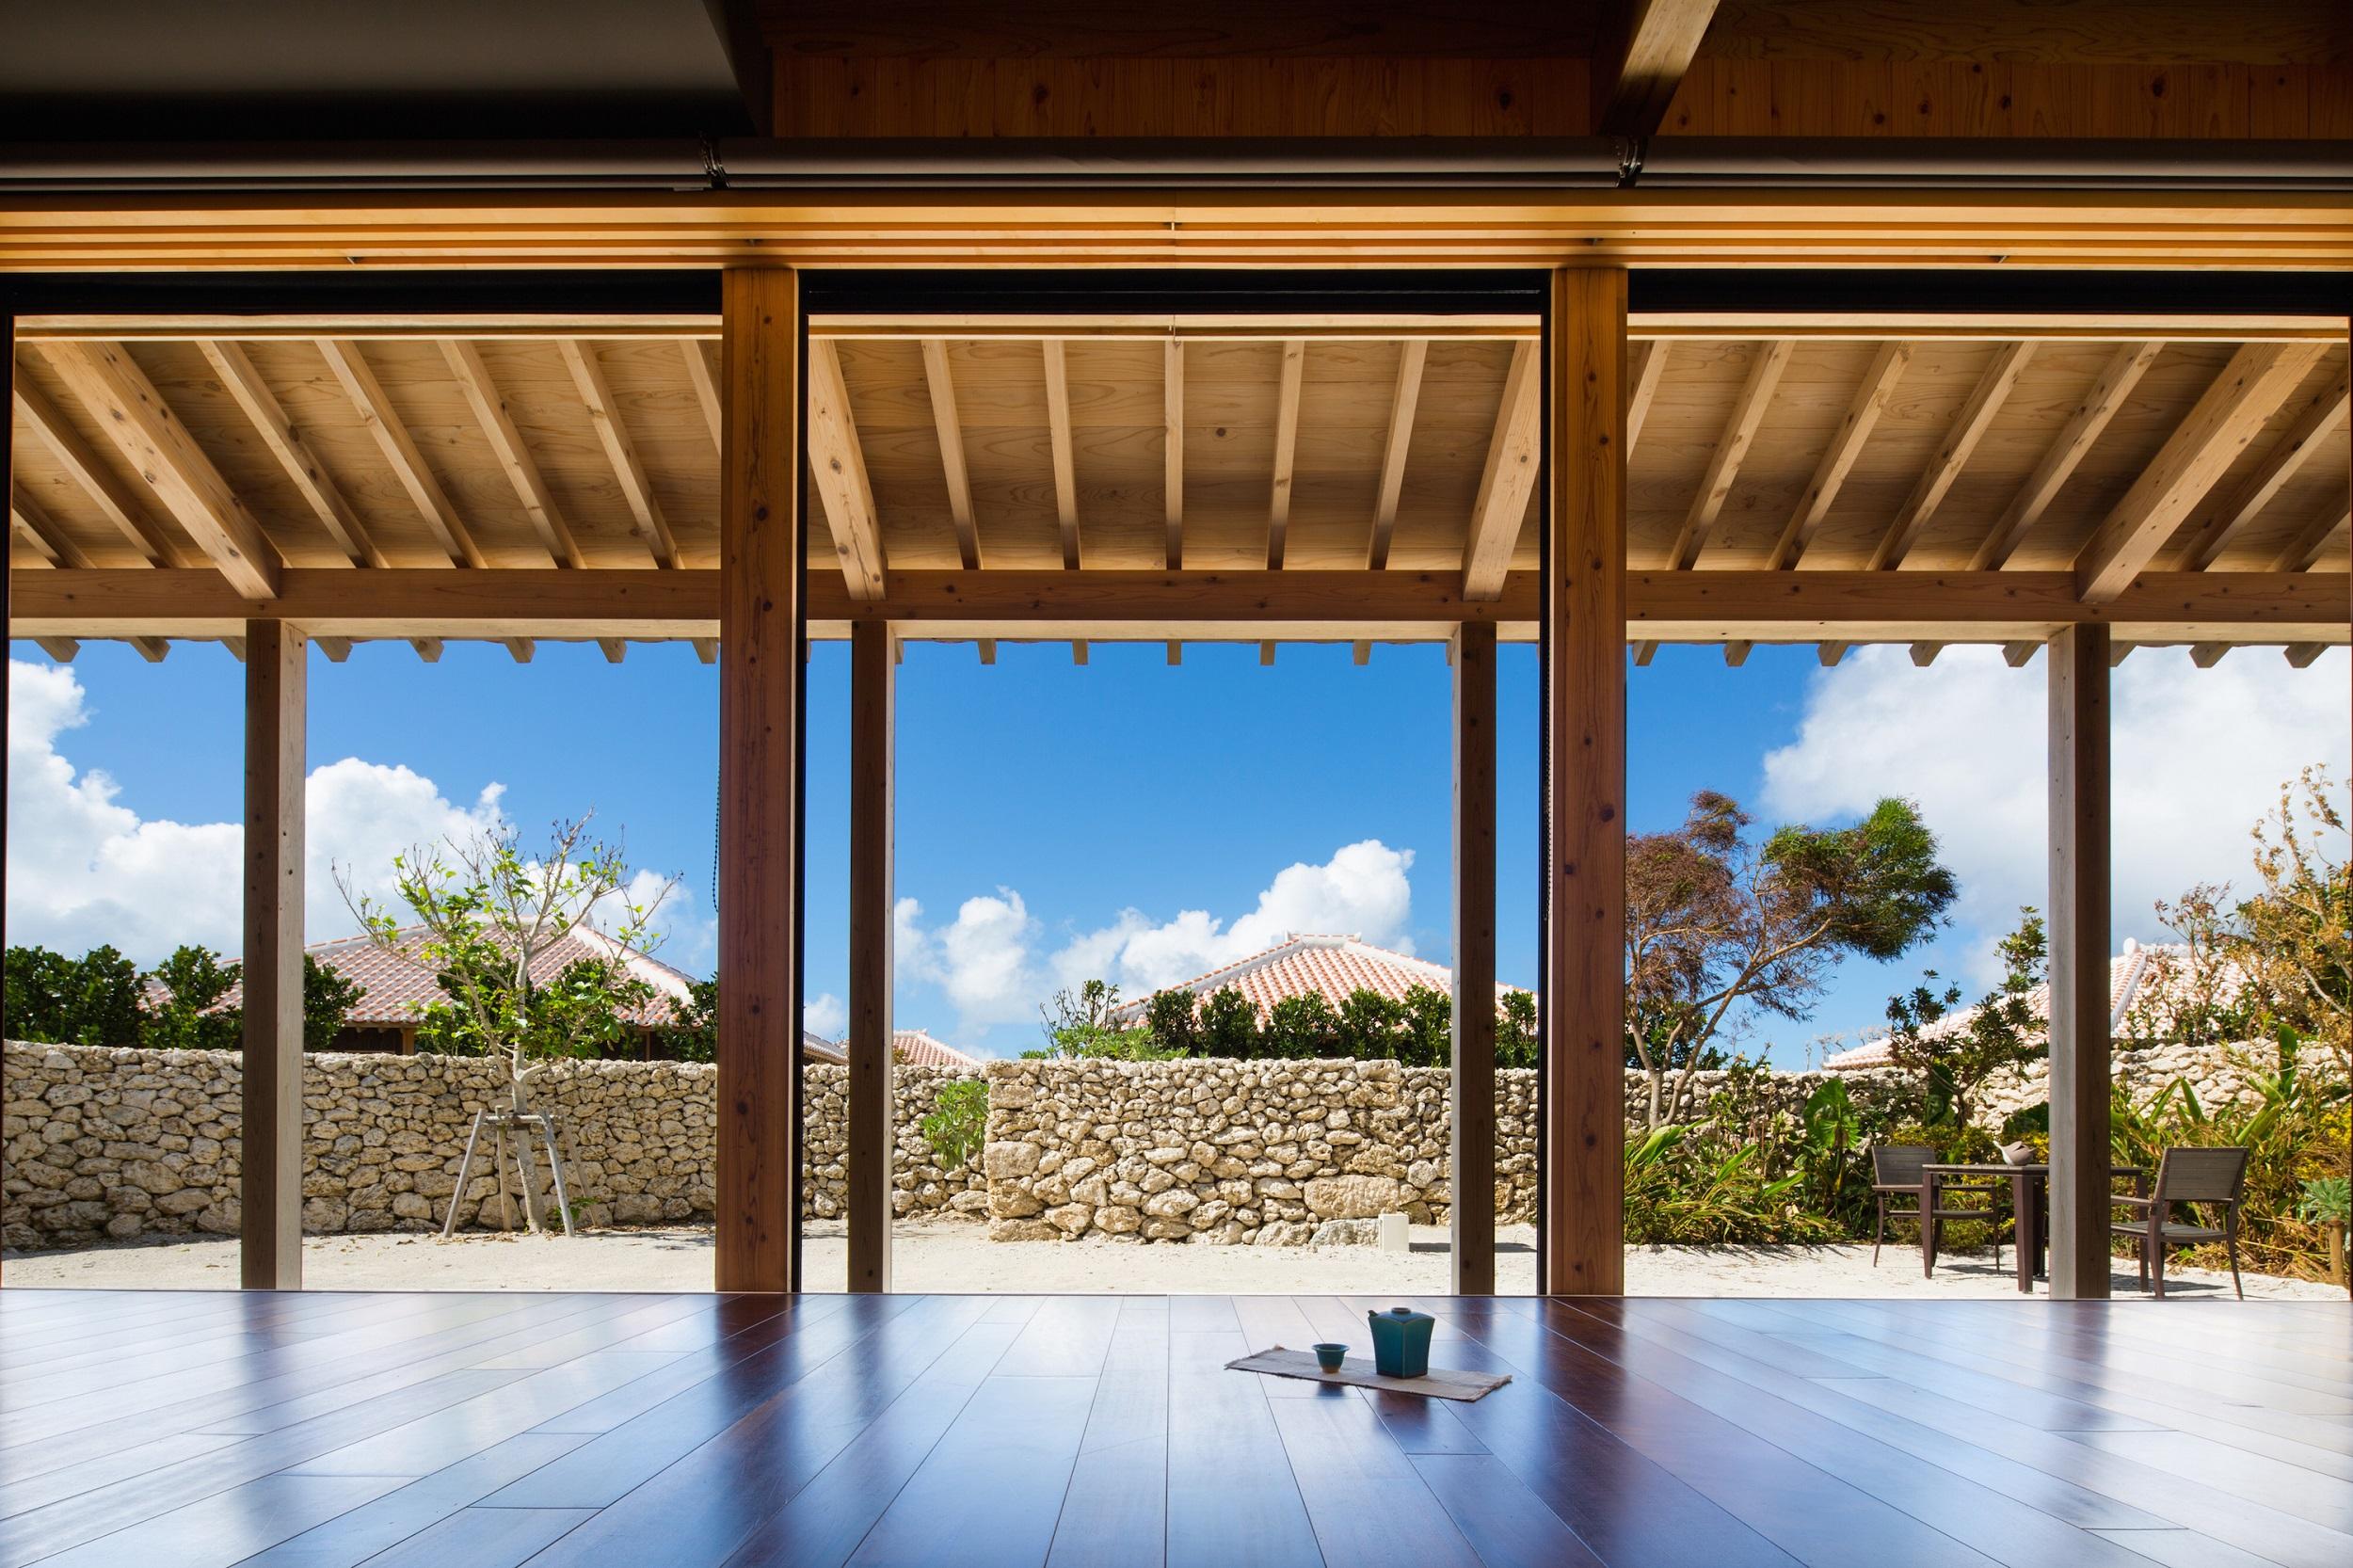 客室の家屋は3タイプ。島の伝統建築を忠実に再現し、訪れた島民が「懐かしい」と驚くほど